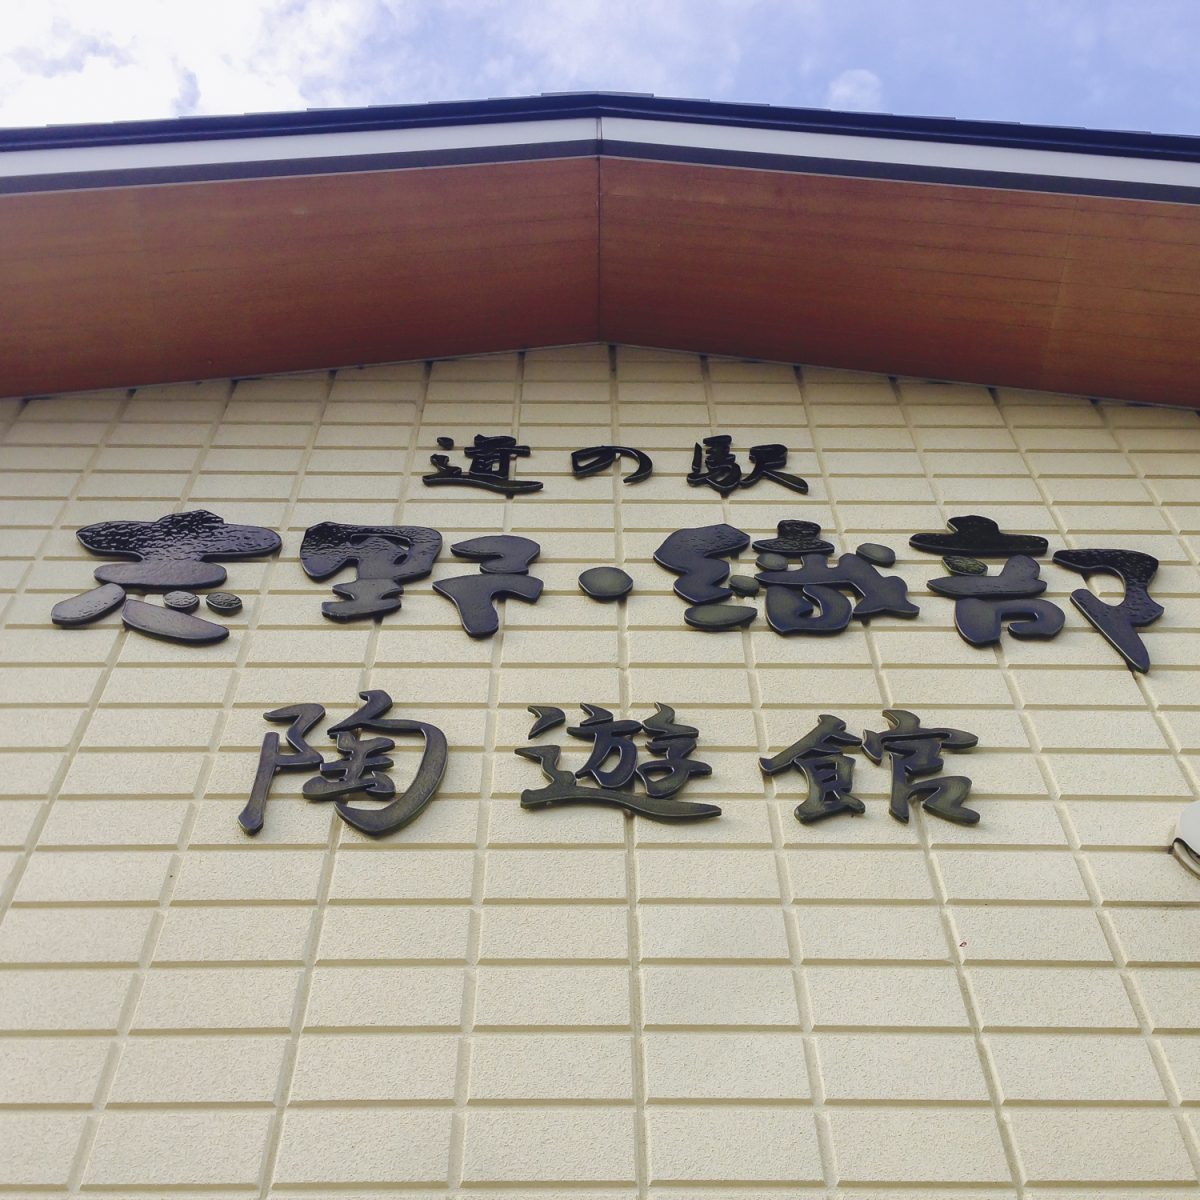 陶匠の里 - 道の駅「志野・織部」|CIロゴデザイン ブランドデザイン|岐阜県土岐市